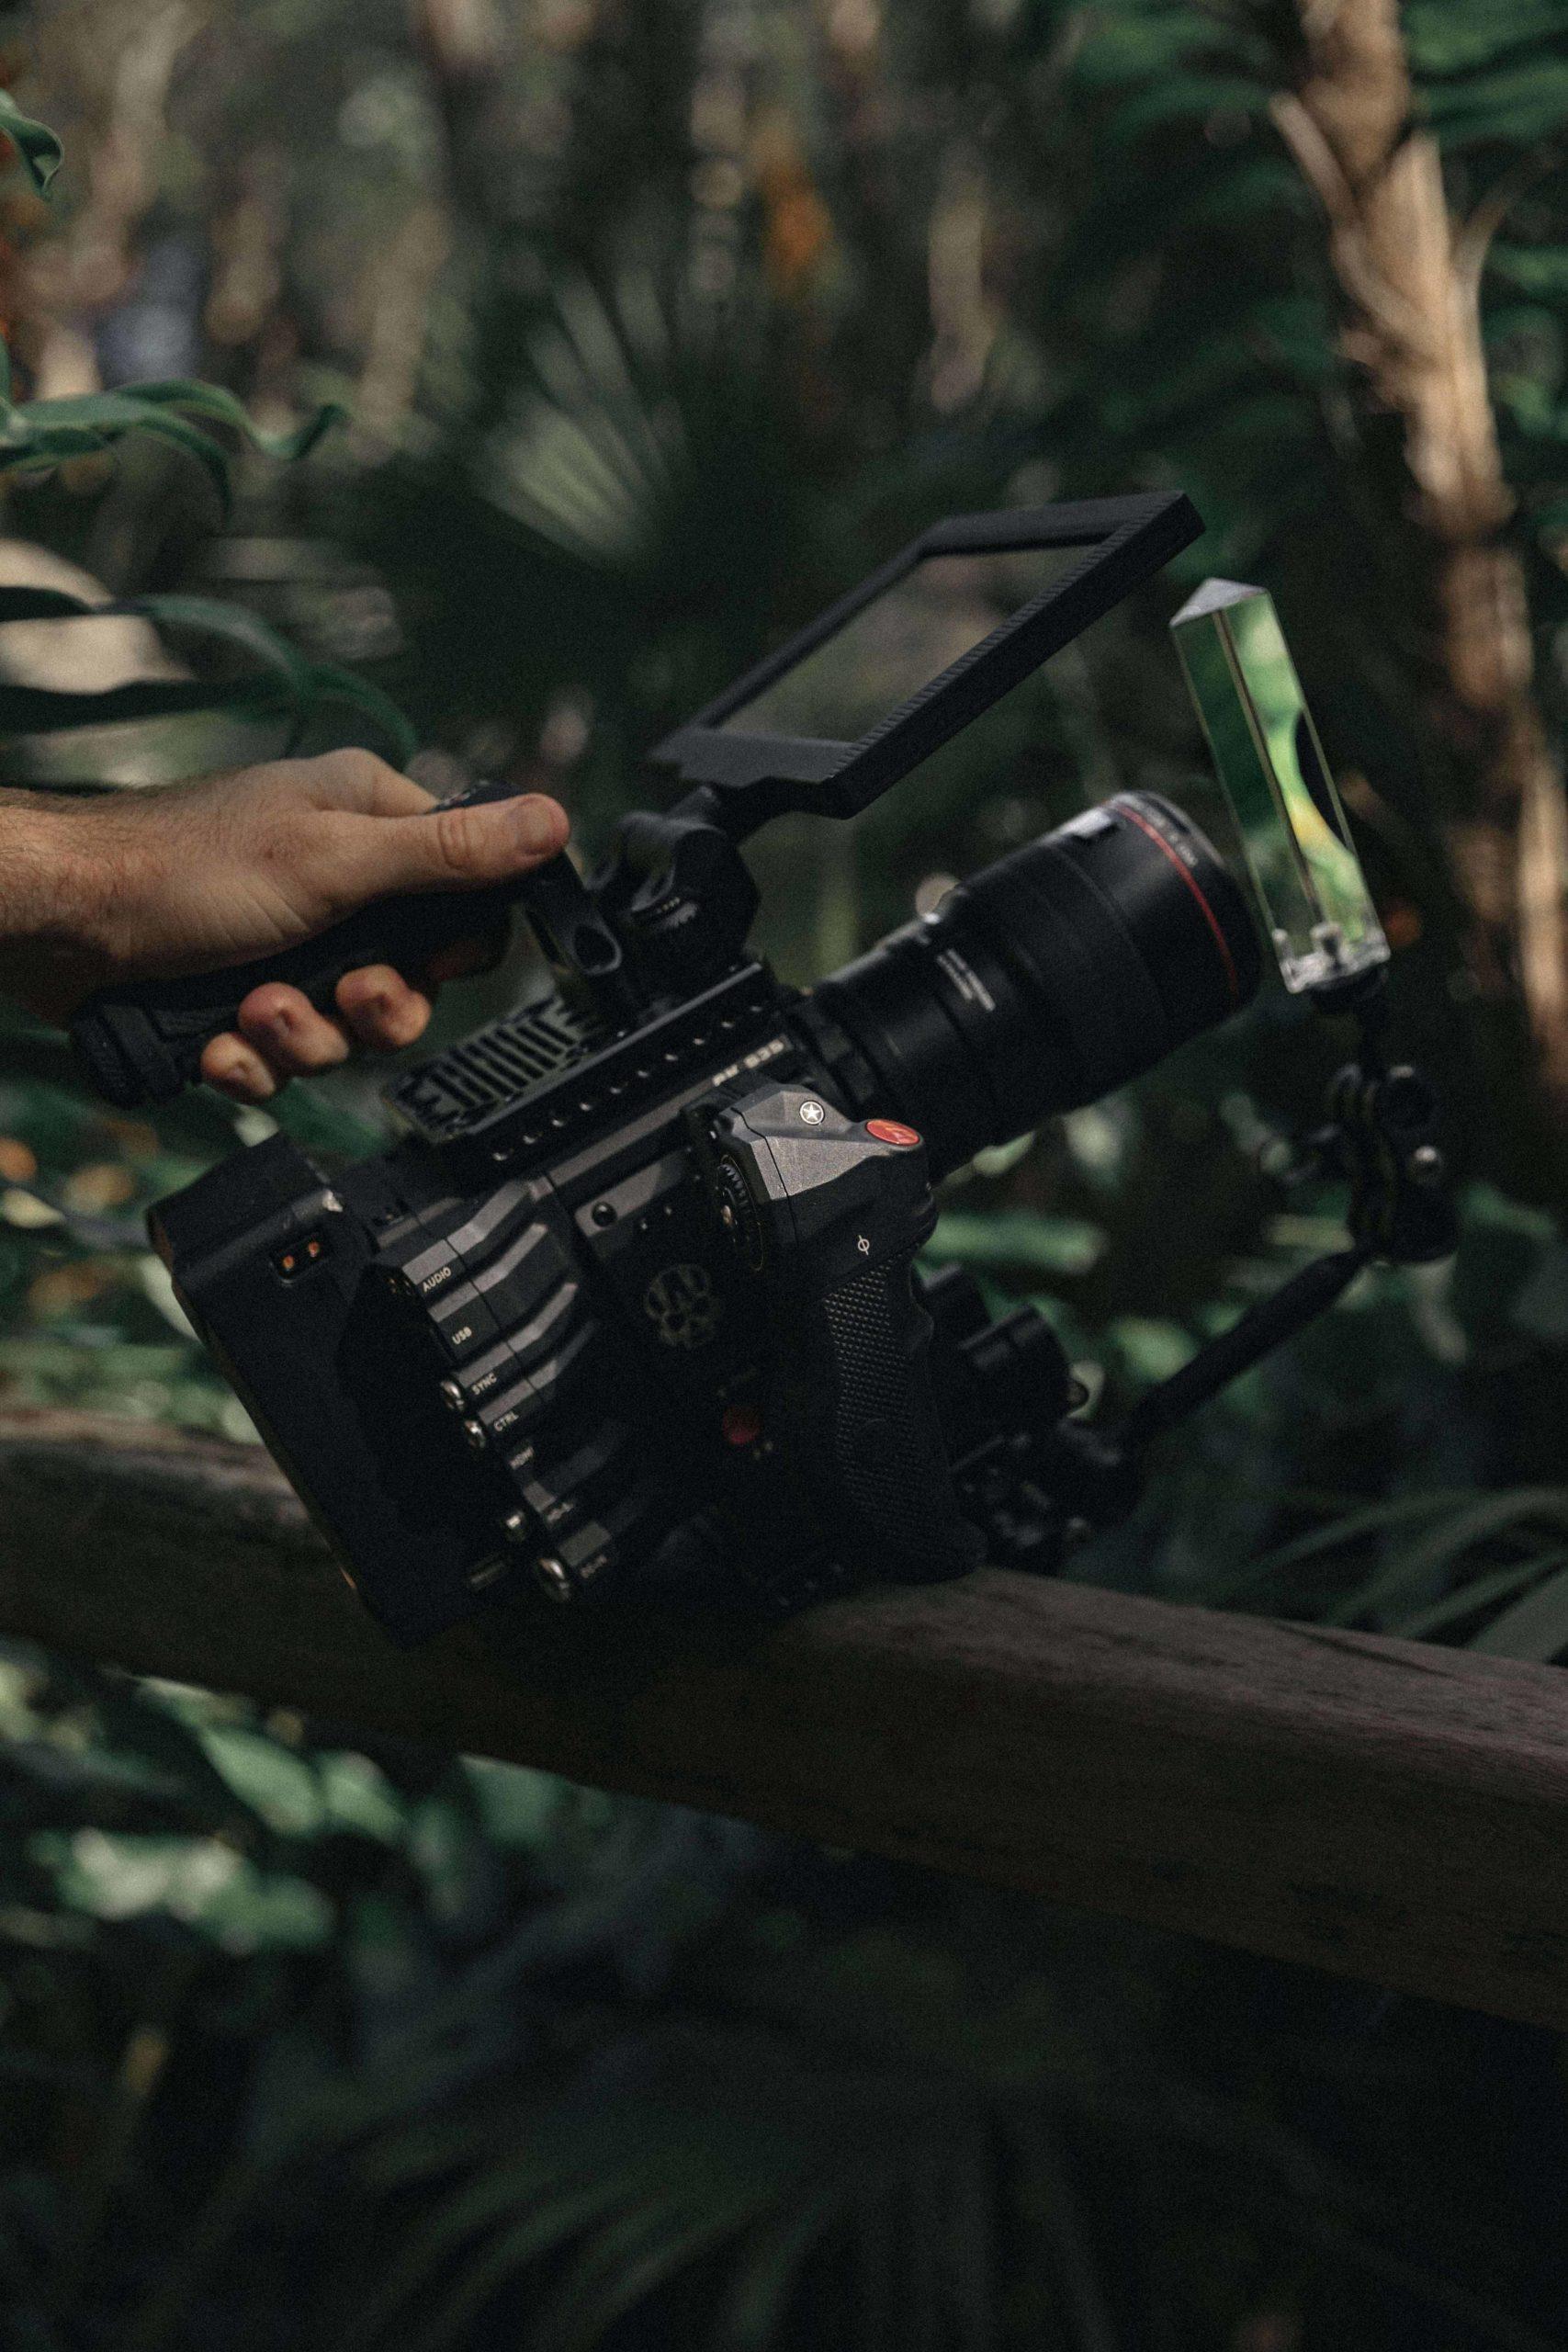 Hoge kwaliteit film